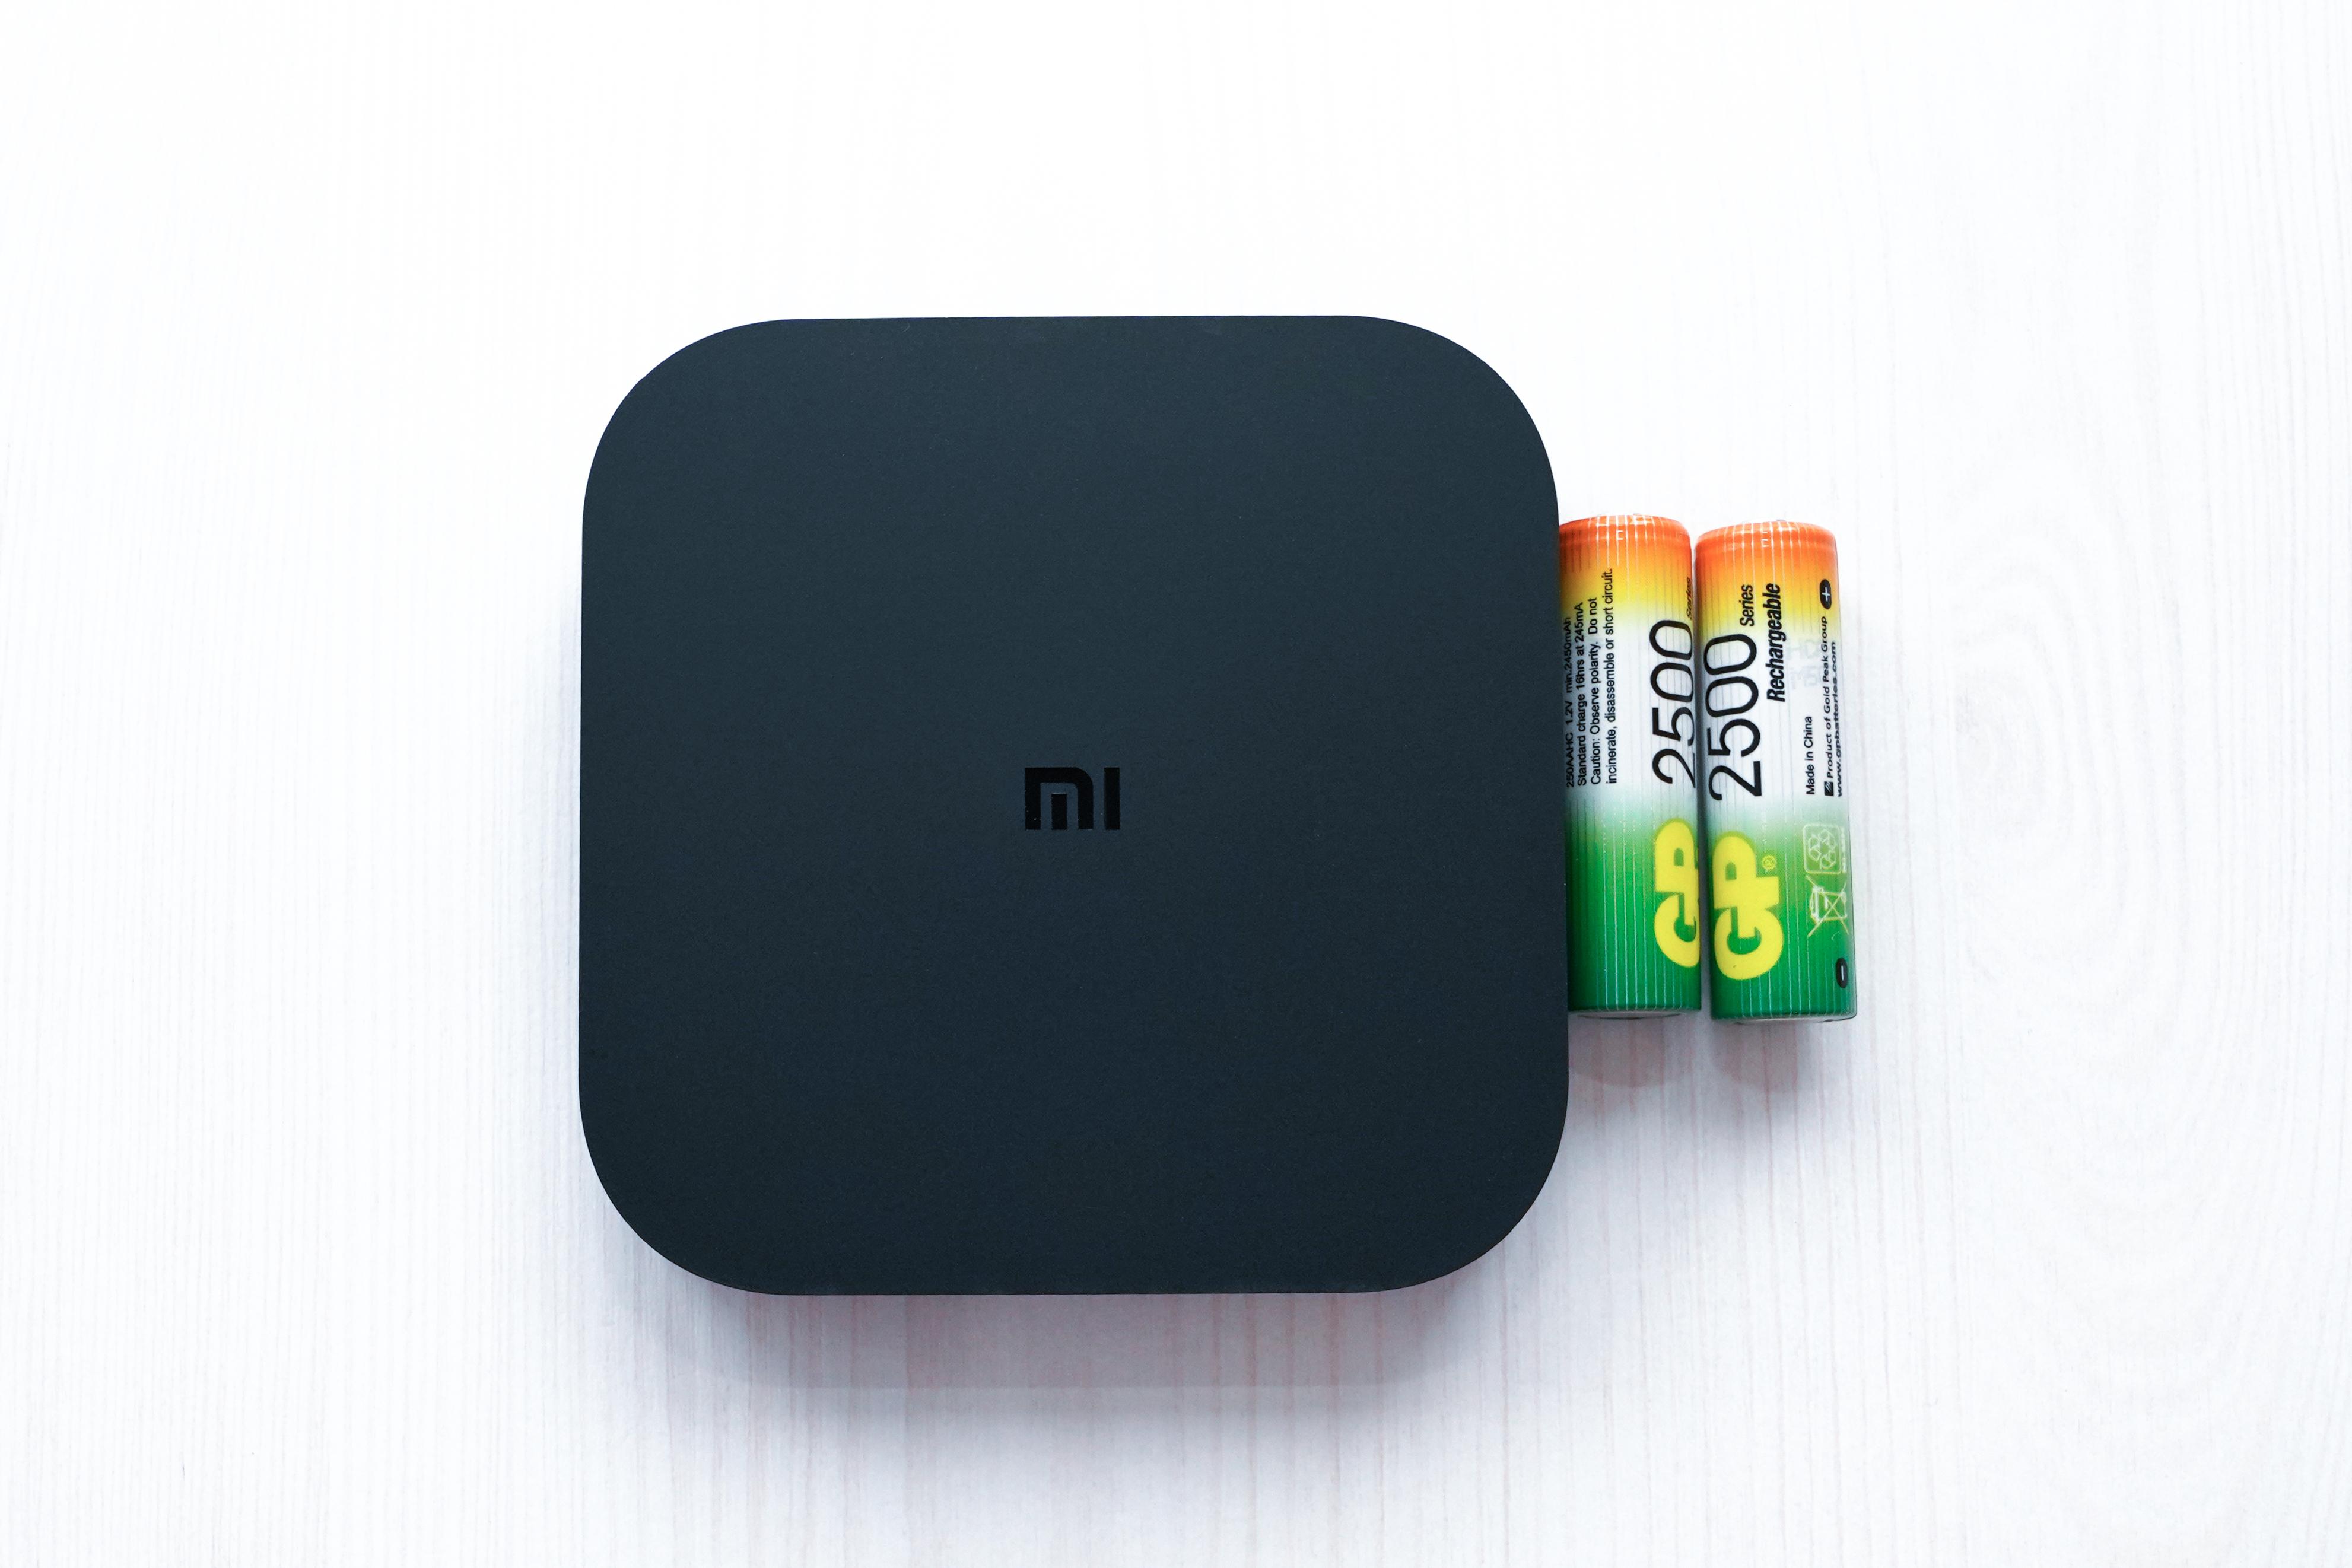 Приставка Xiaomi Mi Box S 4К - обзор внешнего вида и функций